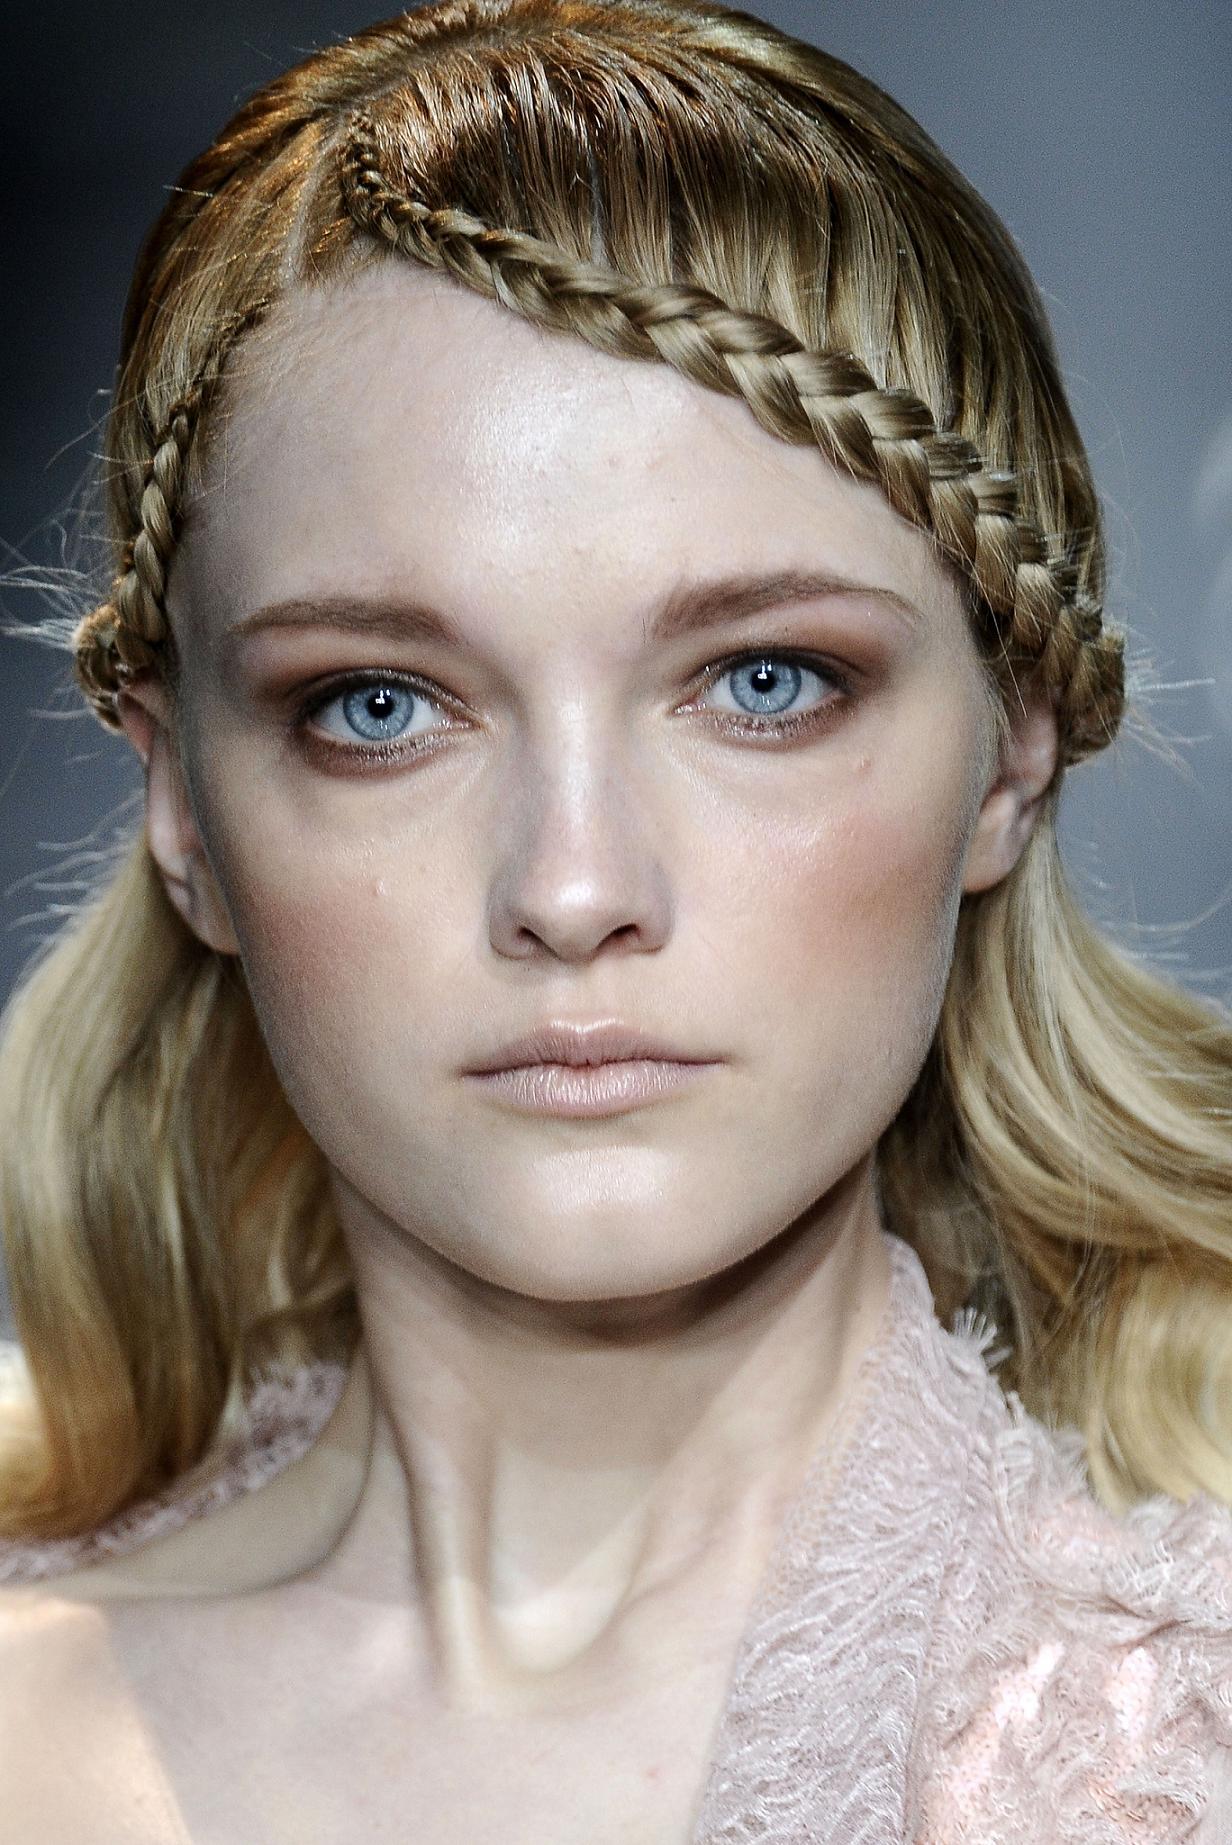 Модные косы девочке фото.